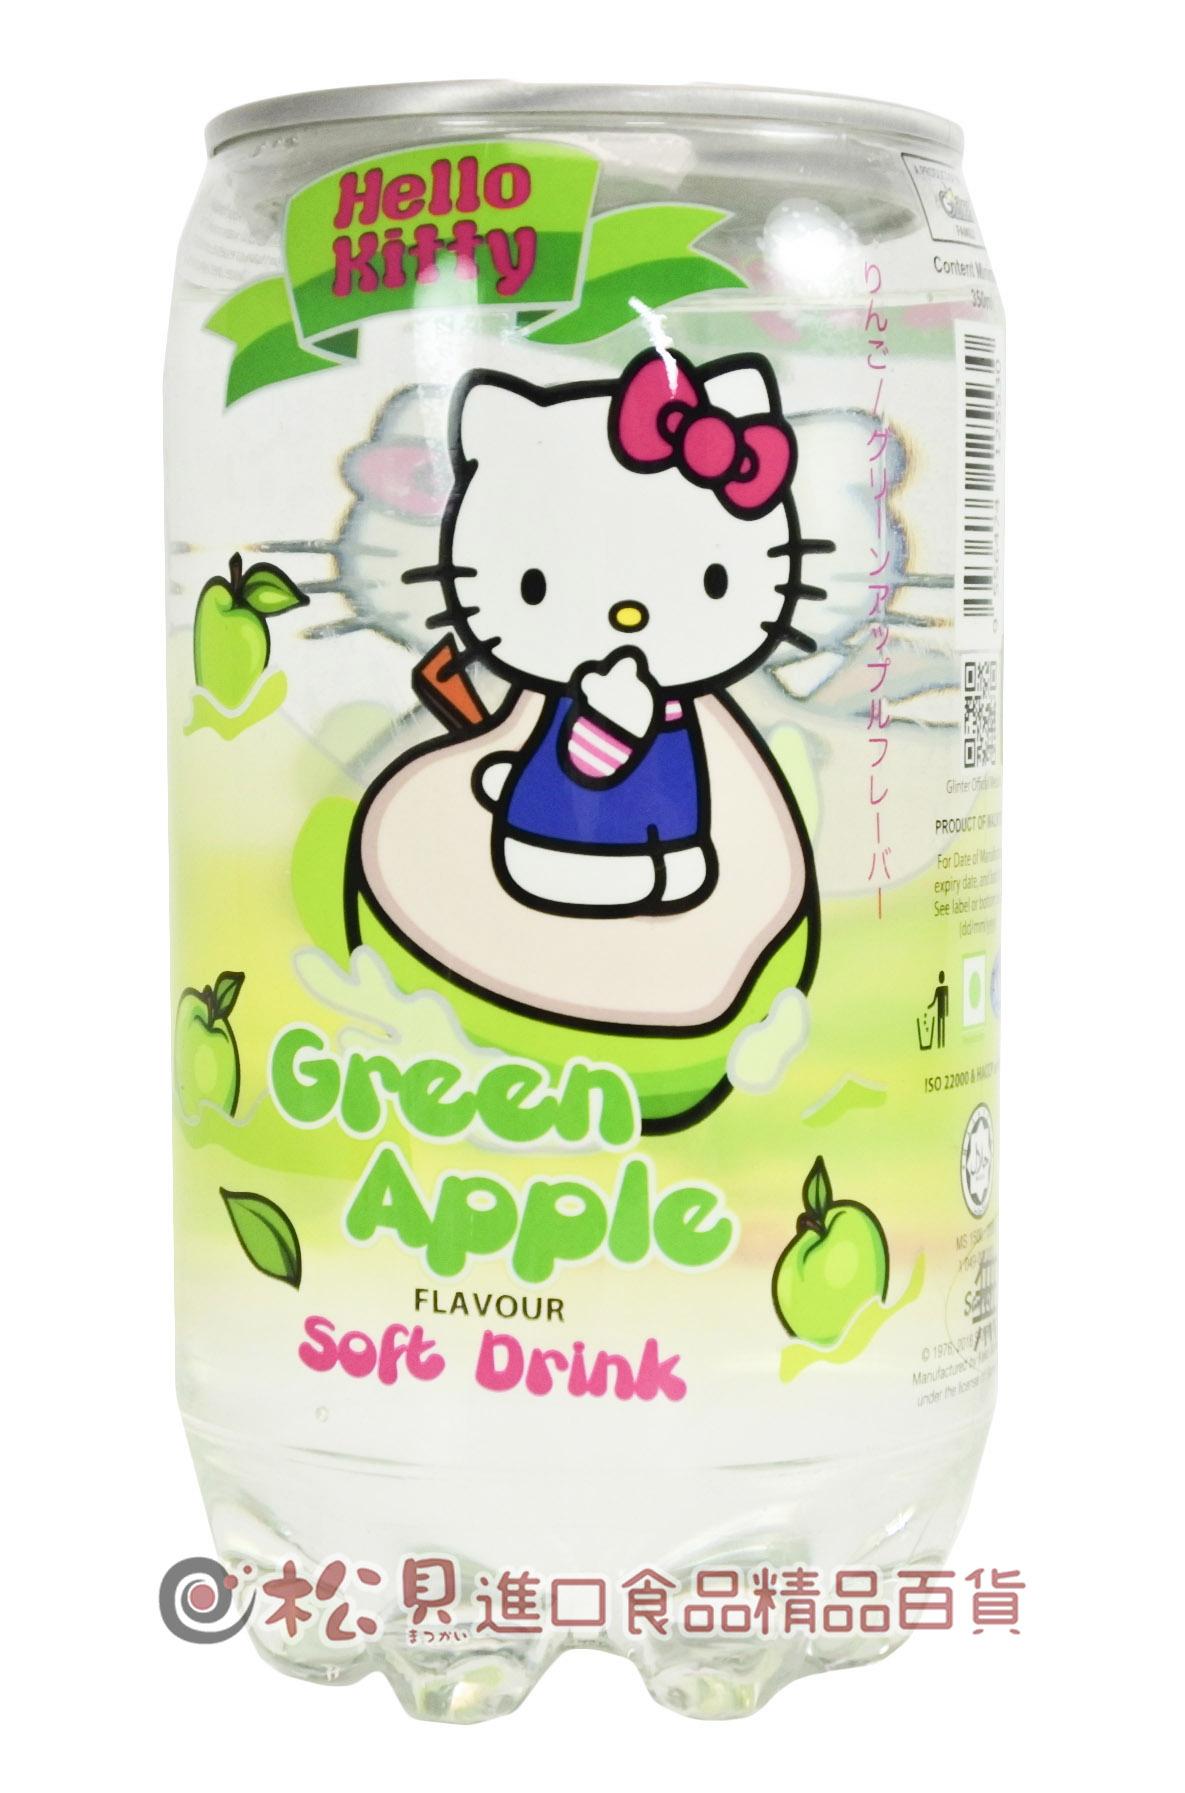 凱蒂貓加味氣泡水(青蘋果)350ml【9556474125530】.jpg